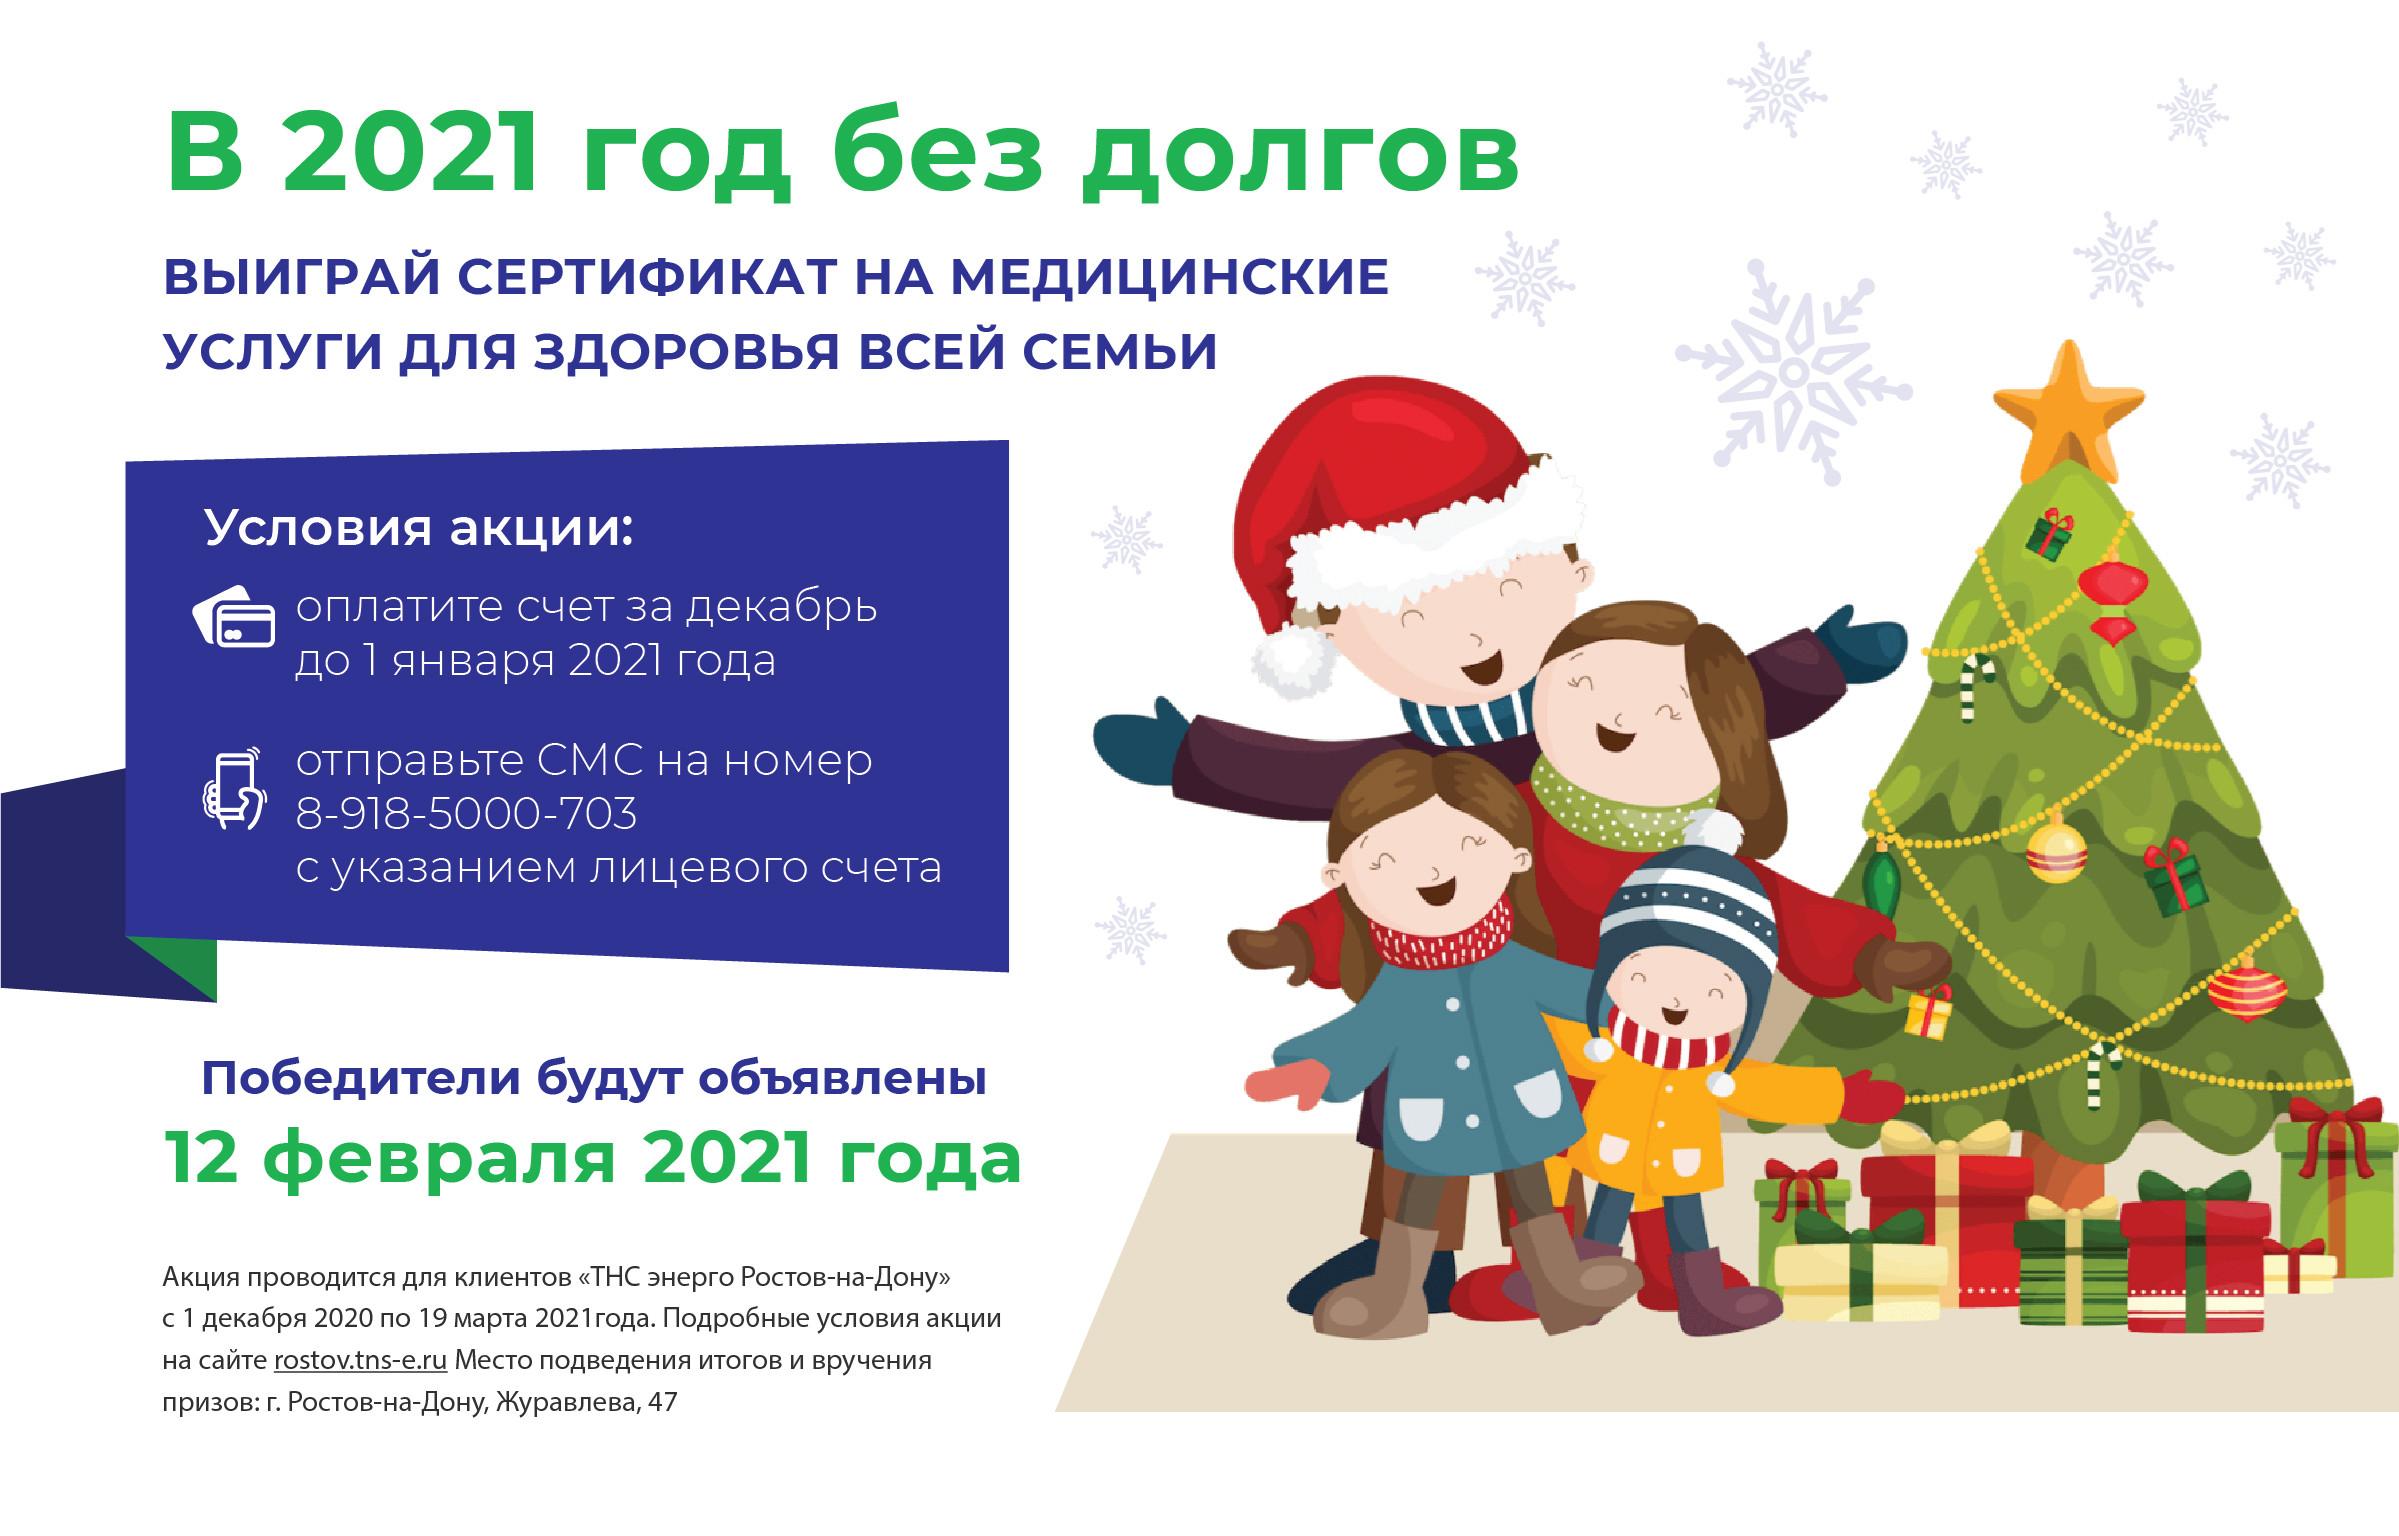 «ТНС энерго Ростов-на-Дону» разыграет сертификат на медицинские услуги для всей семьи